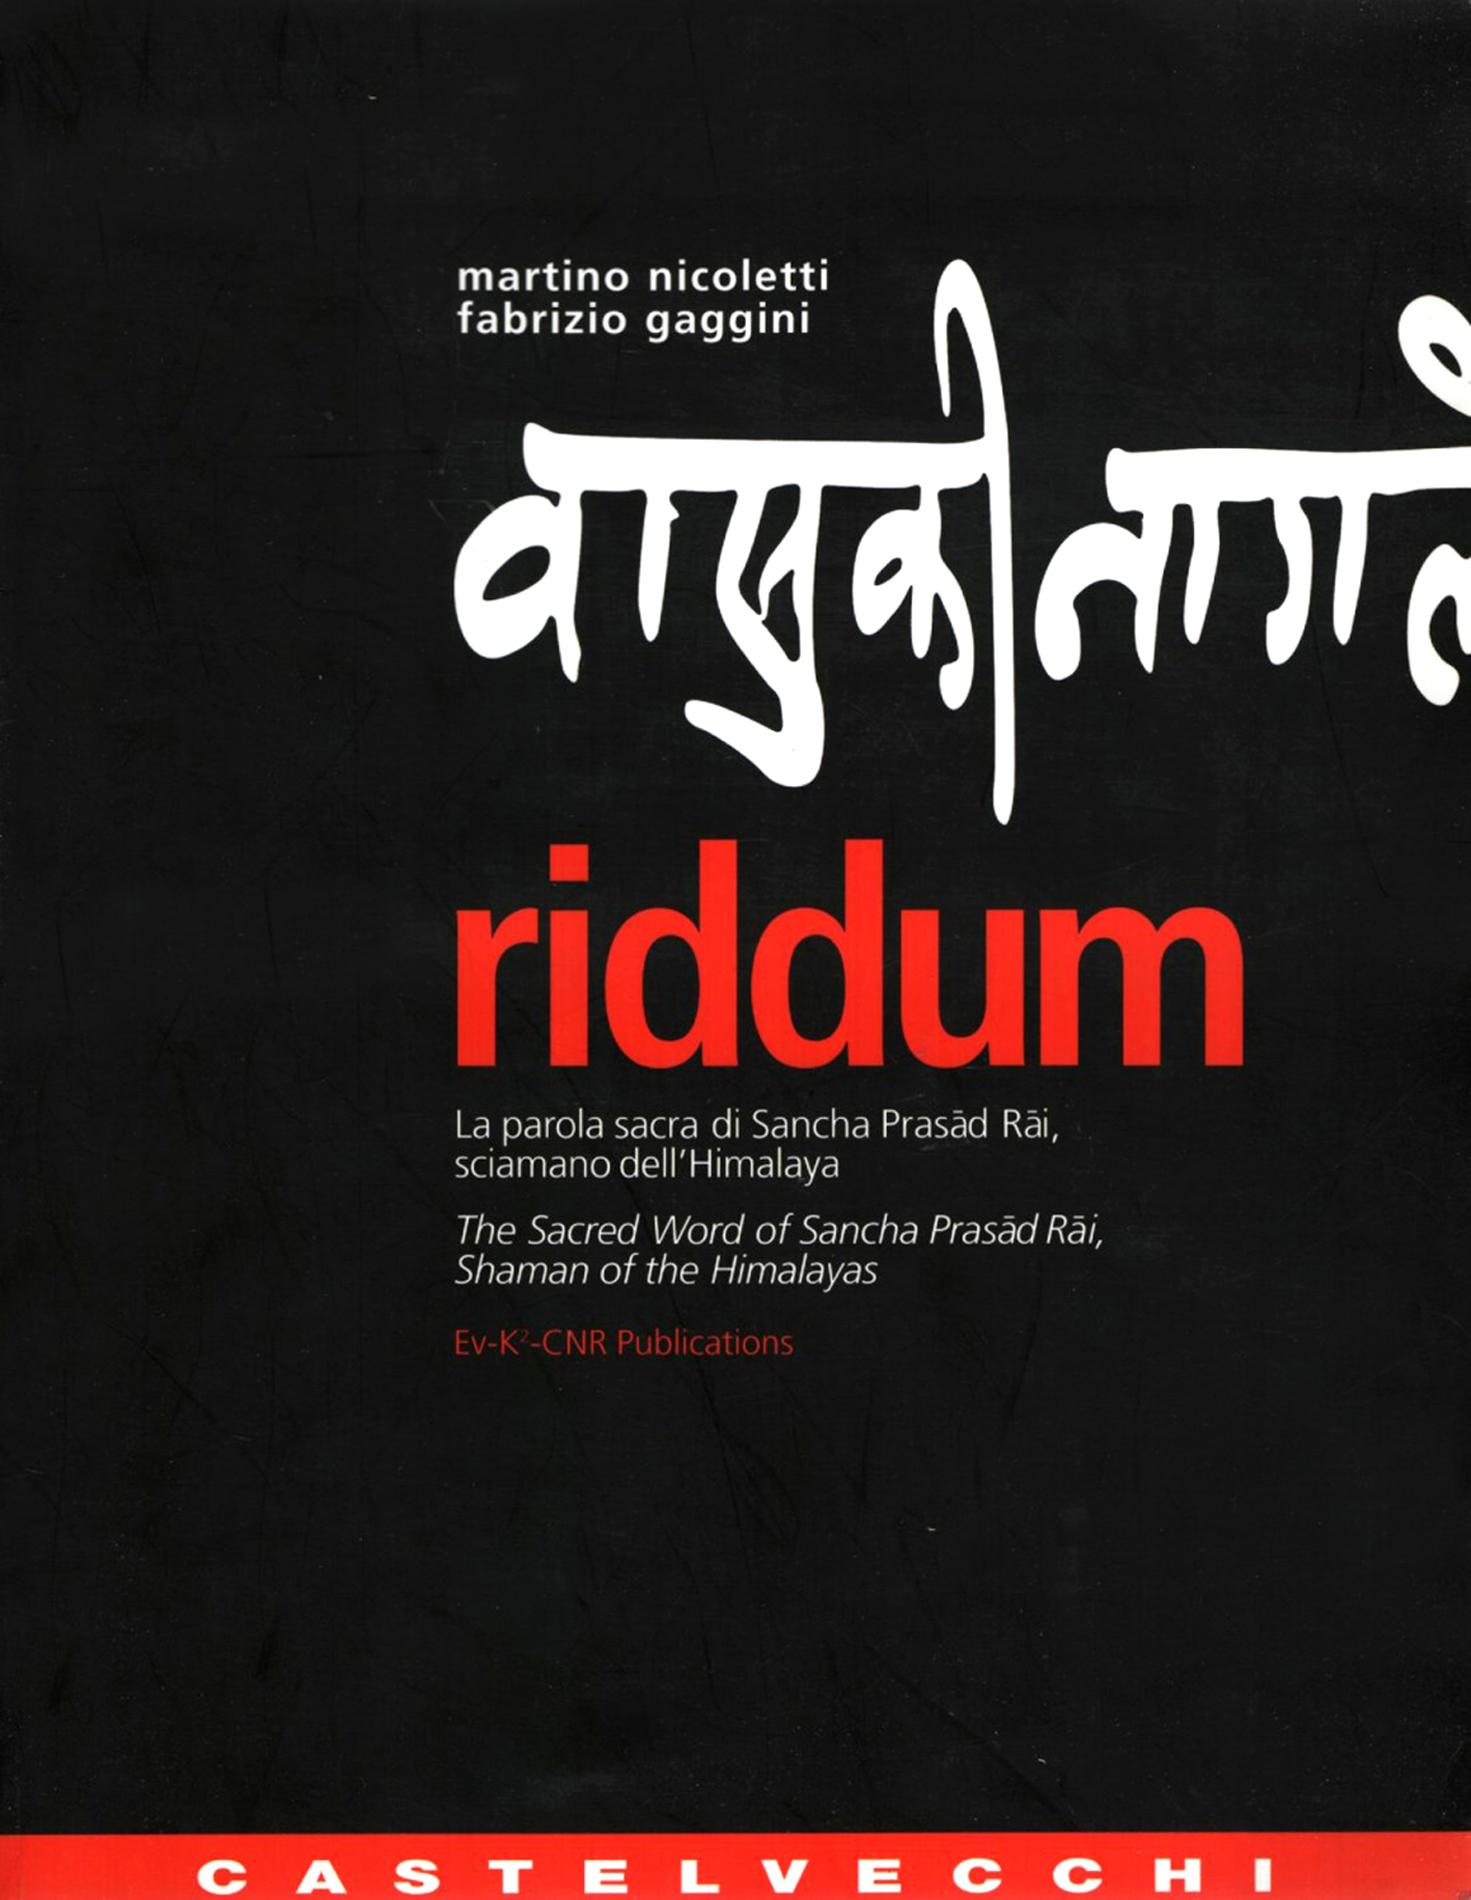 RIDDUM